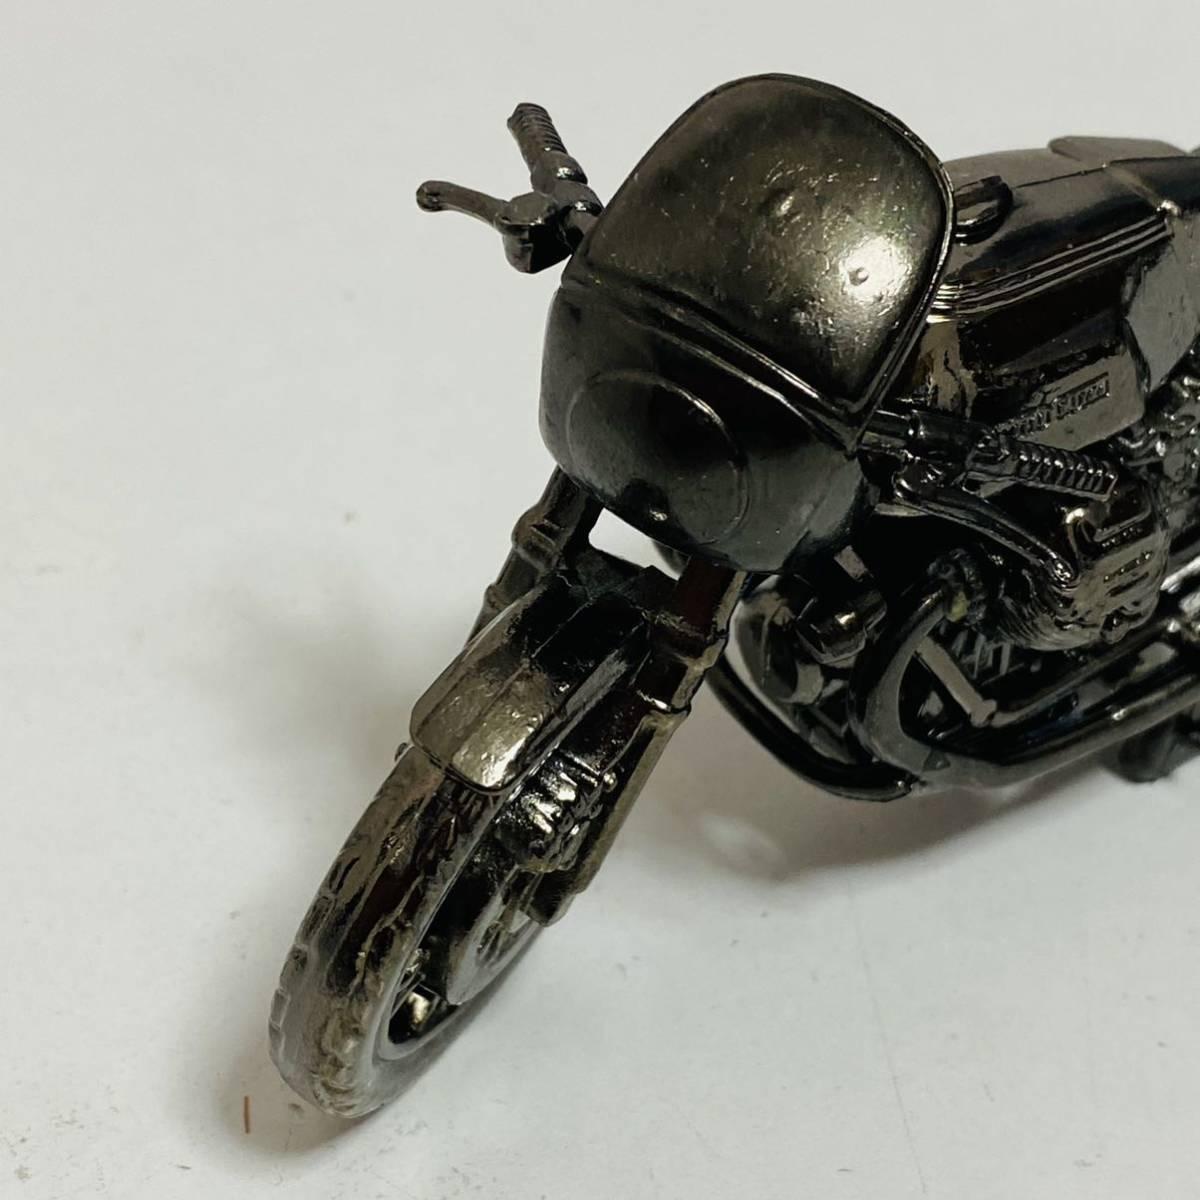 【美品】レッドバロン 世界の名車シリーズ VOL.22 MOTO GUZZI 850 Le Mans オートバイ バイク 希少 レア_画像3